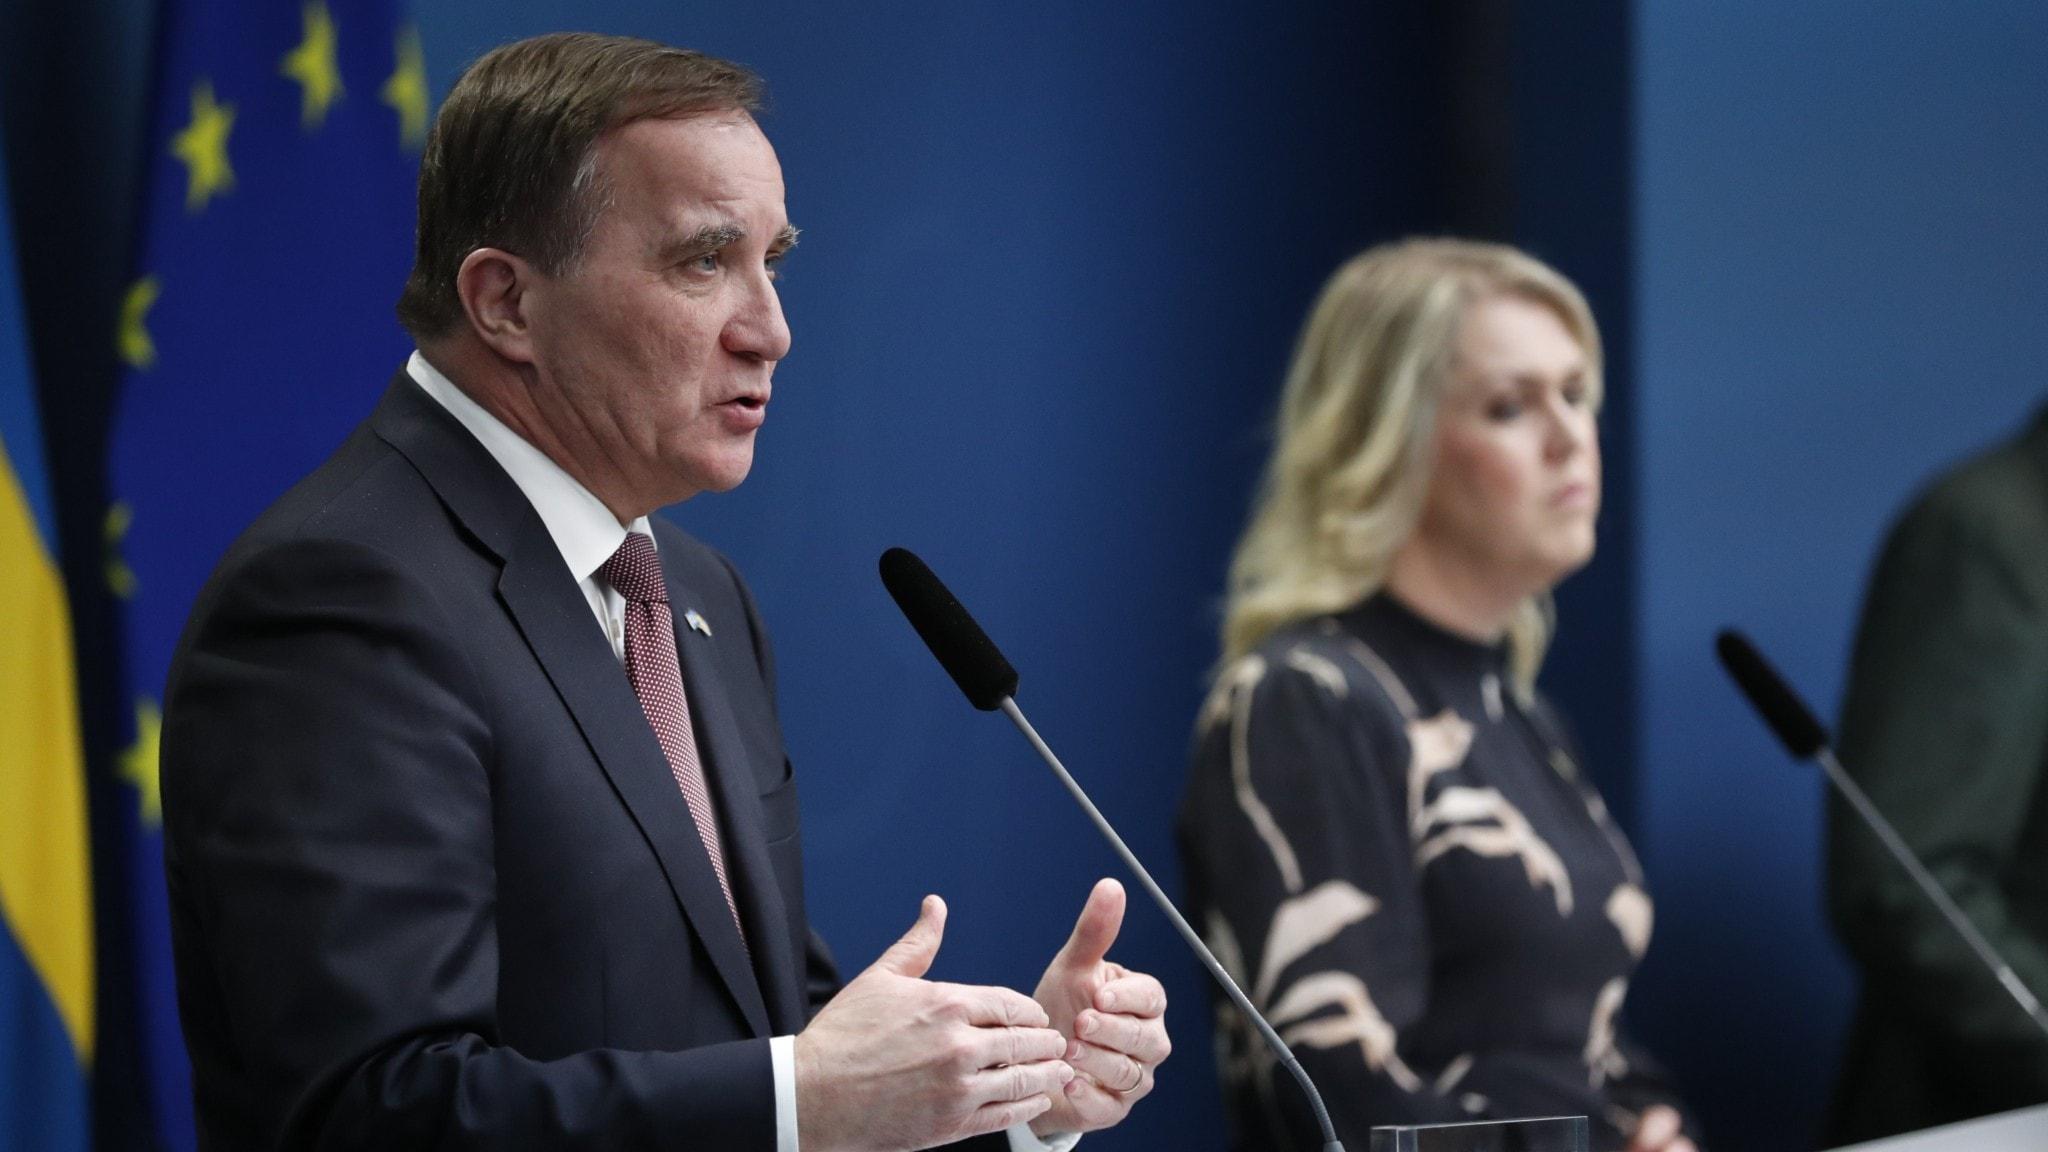 Planer väntas i dag: Så kan Sverige öppnas upp